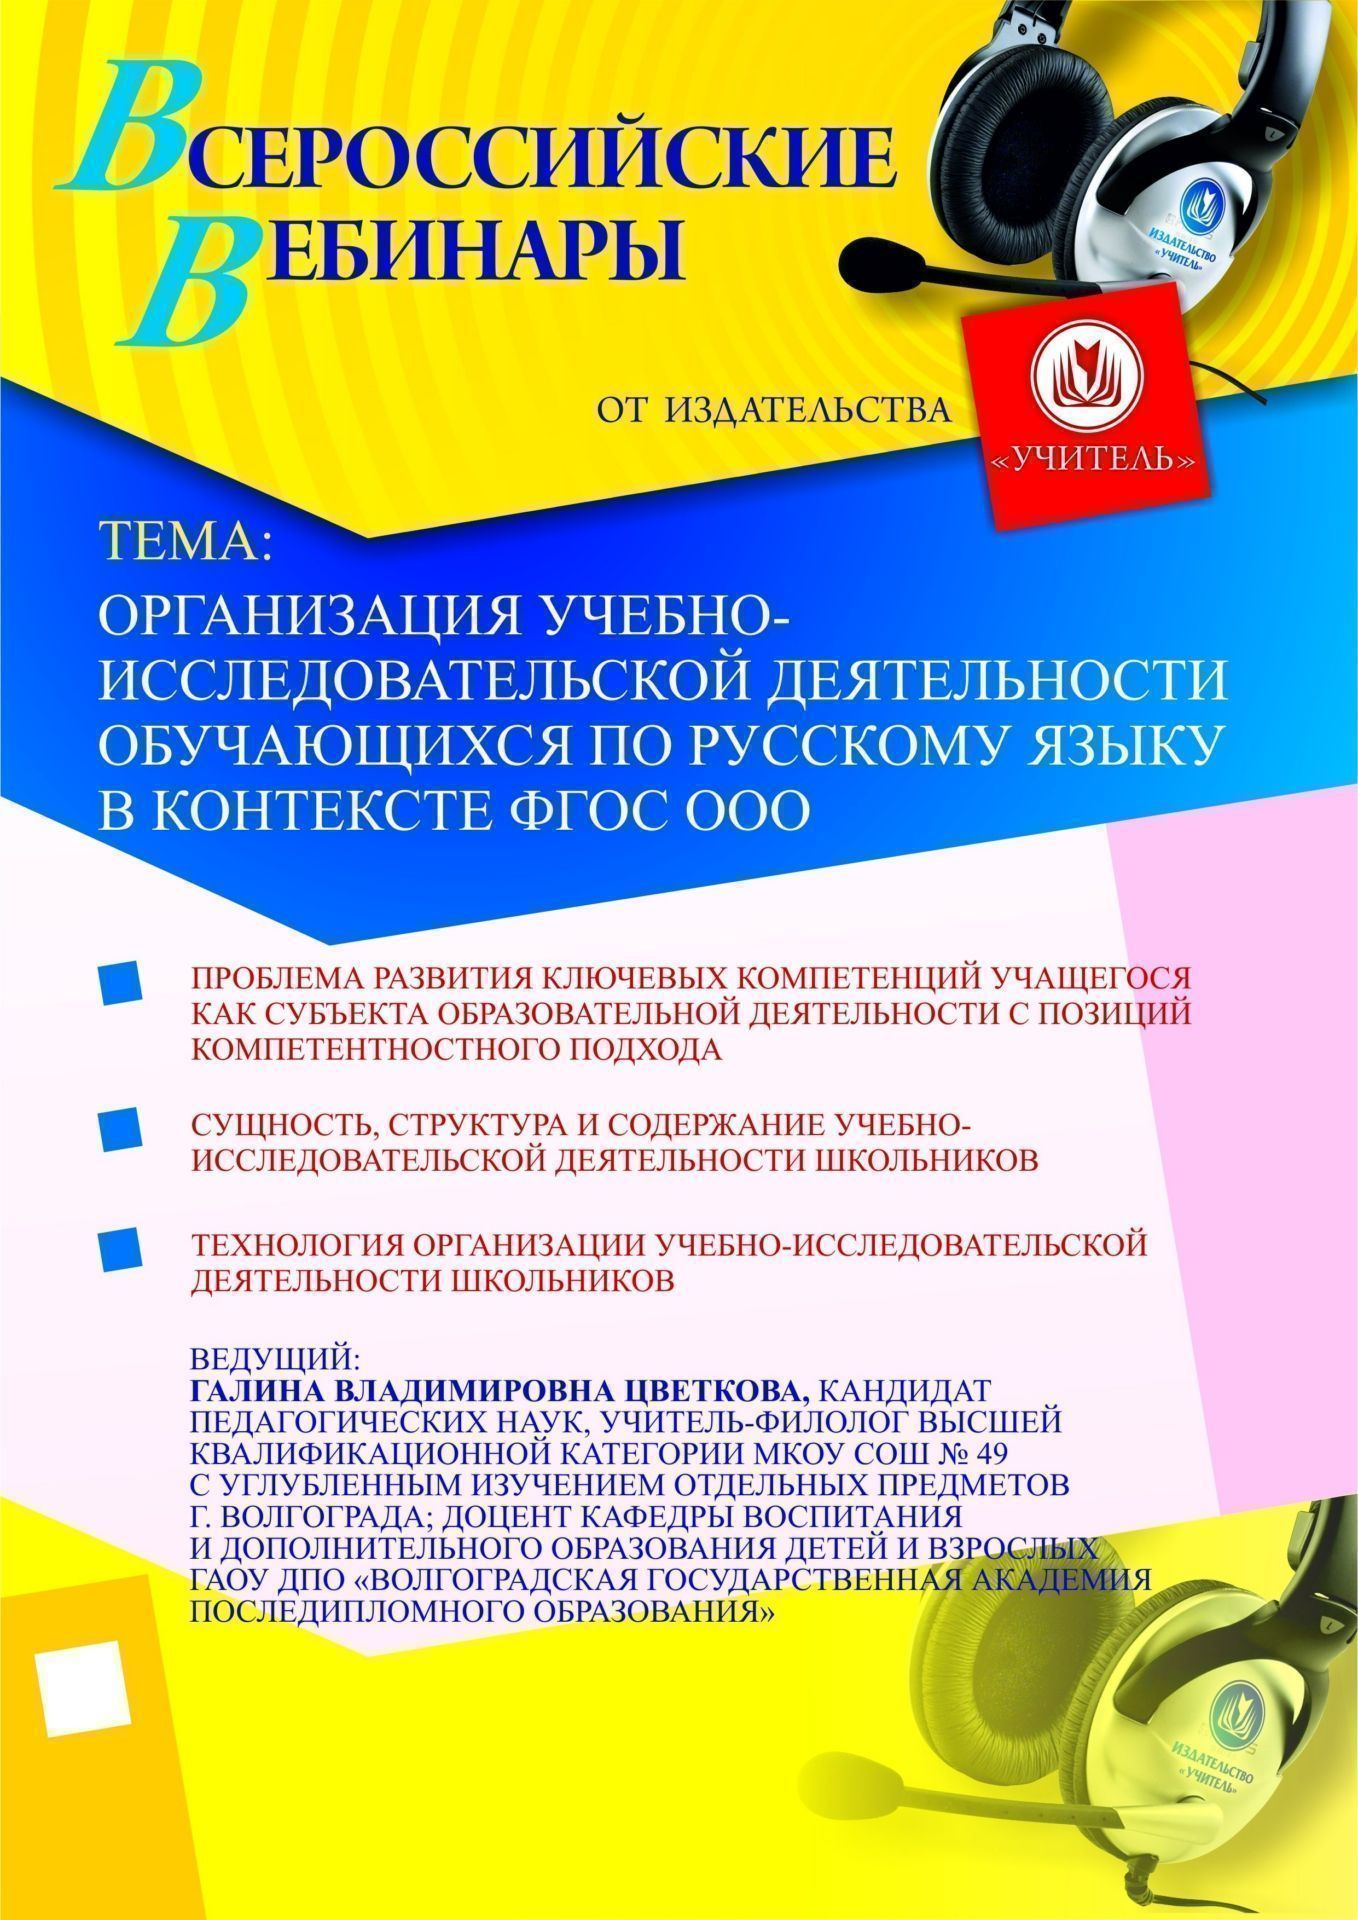 Организация учебно-исследовательской деятельности обучающихся по русскому языку в контексте ФГОС ООО фото